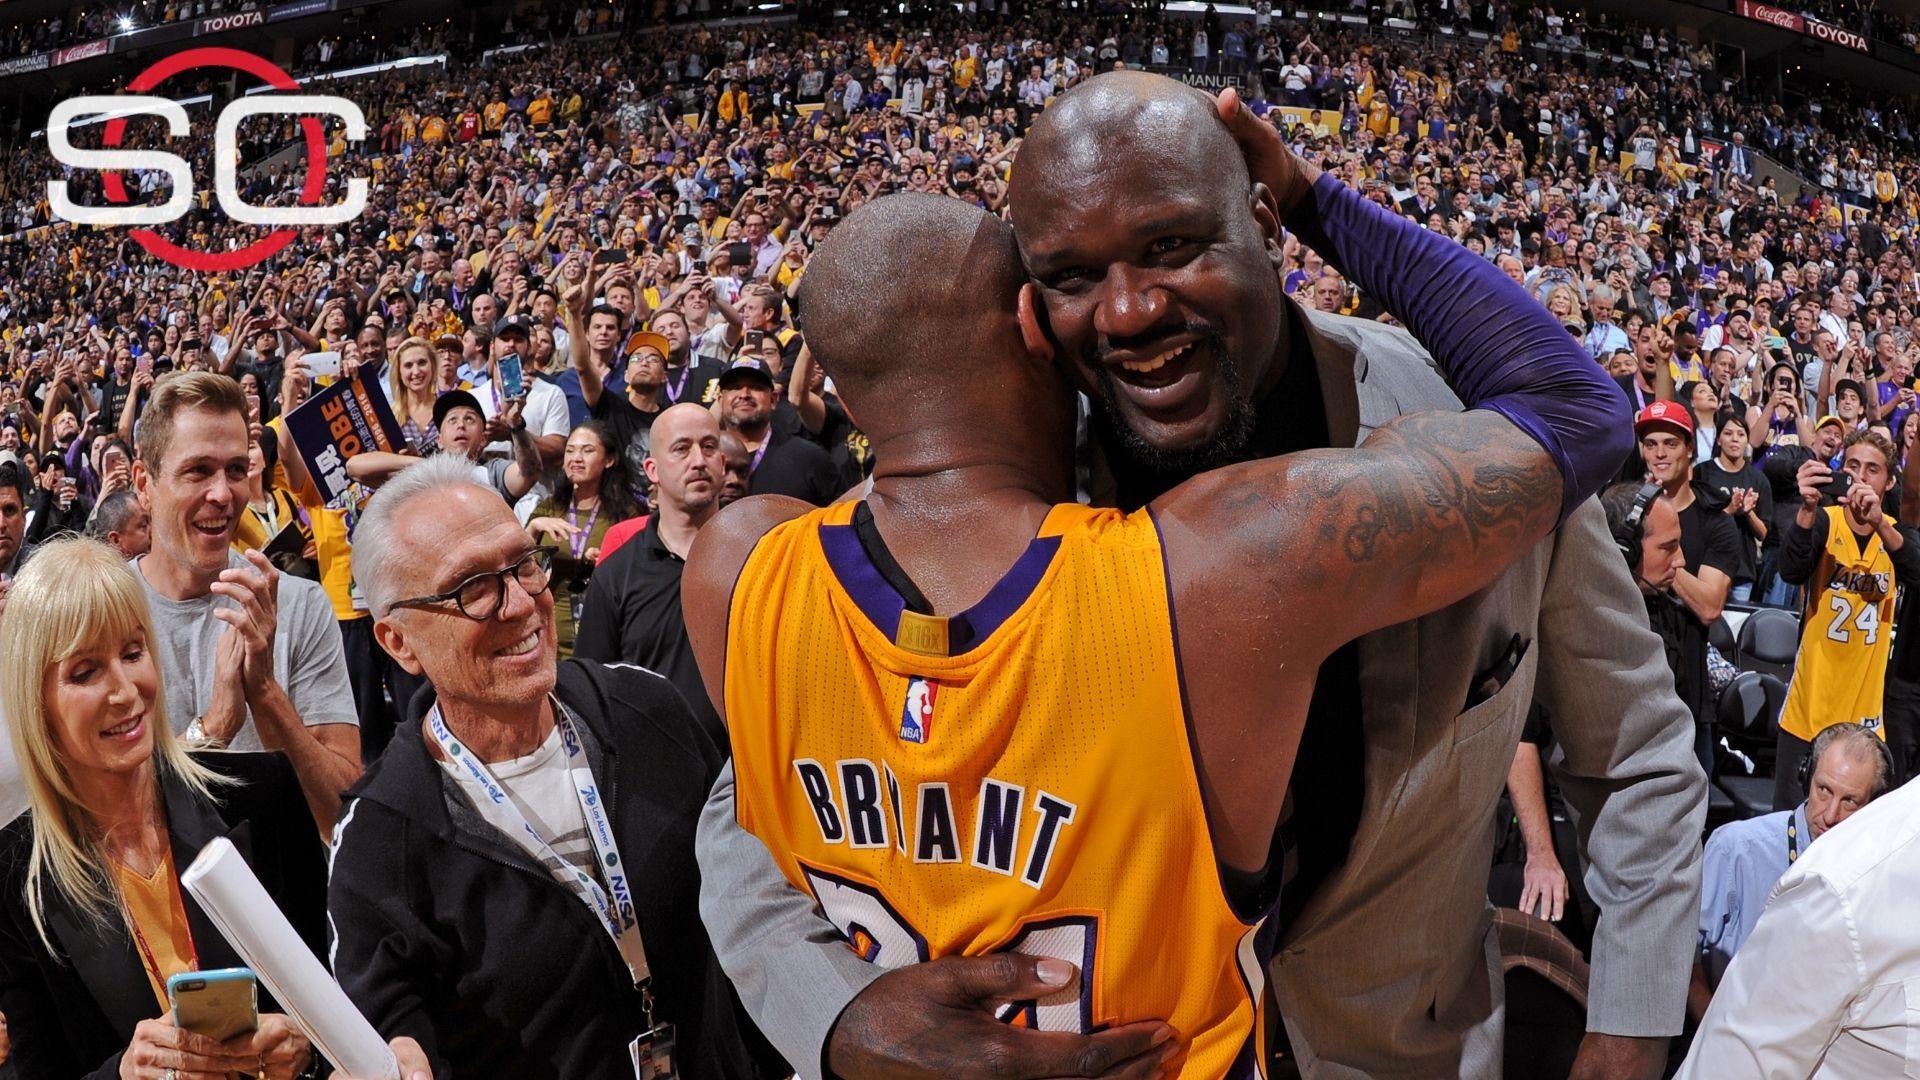 Shaq challenged Kobe to 50 points ESPN Video Kobe